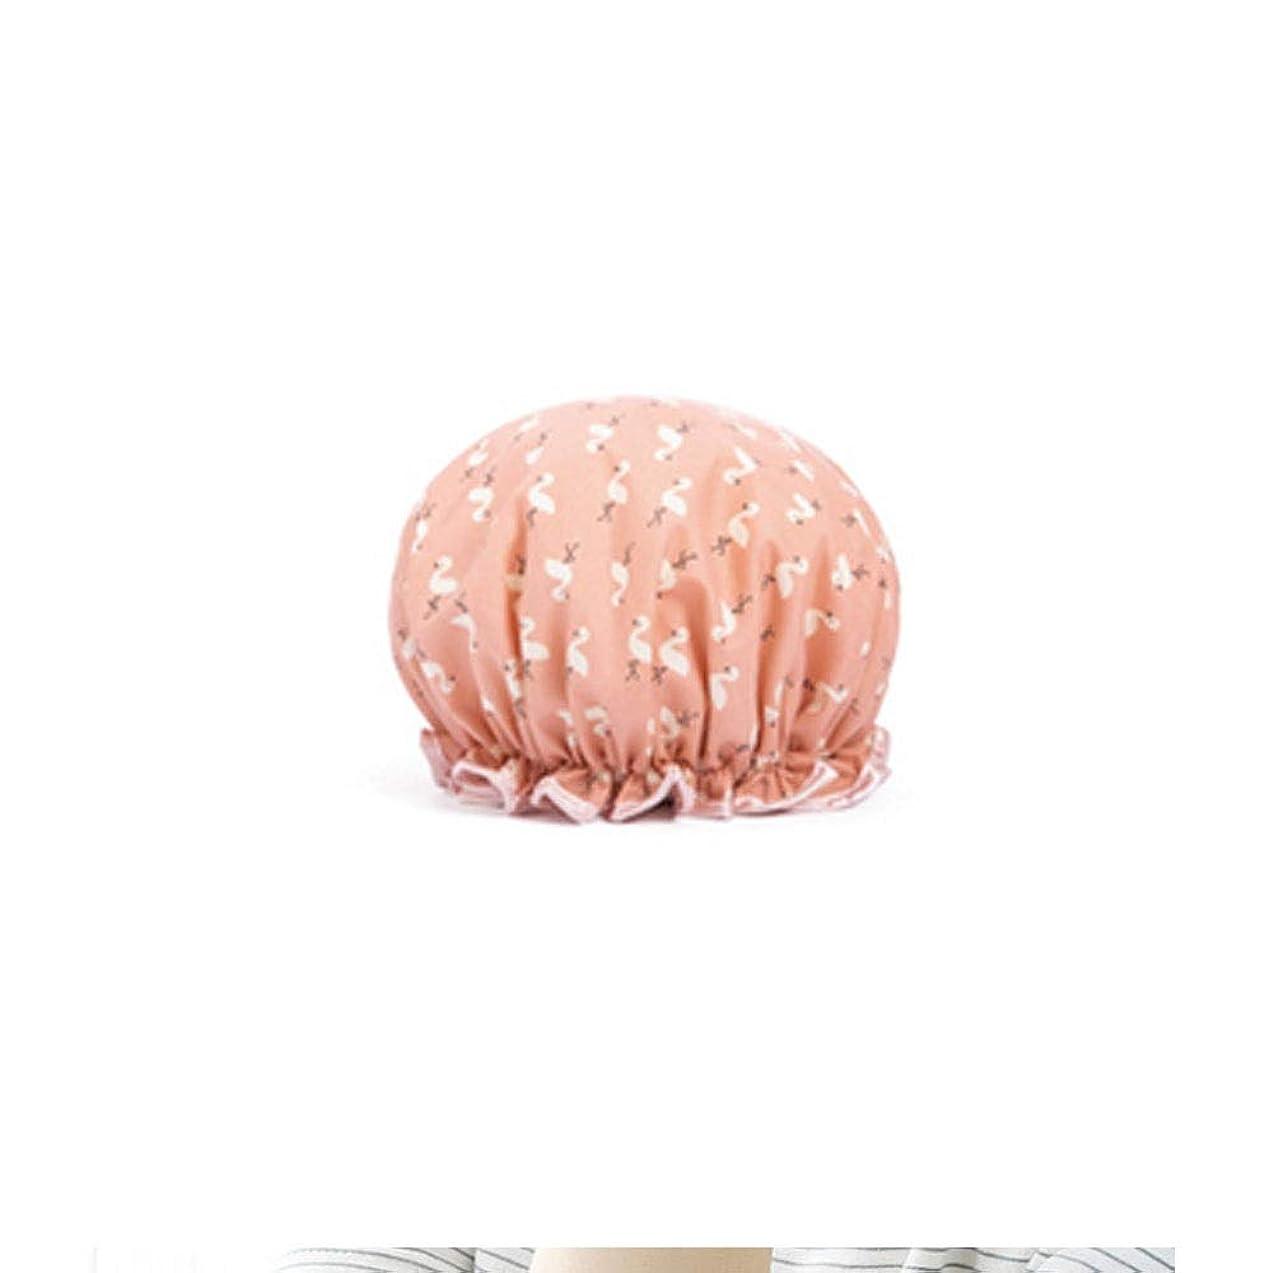 ファーザーファージュ不潔永遠のシャワーキャップ、レディースシャワーキャップレディース用のすべての髪の長さと太さのデラックスシャワーキャップ - 防水とカビ防止、再利用可能なシャワーキャップ。 (Color : 6)